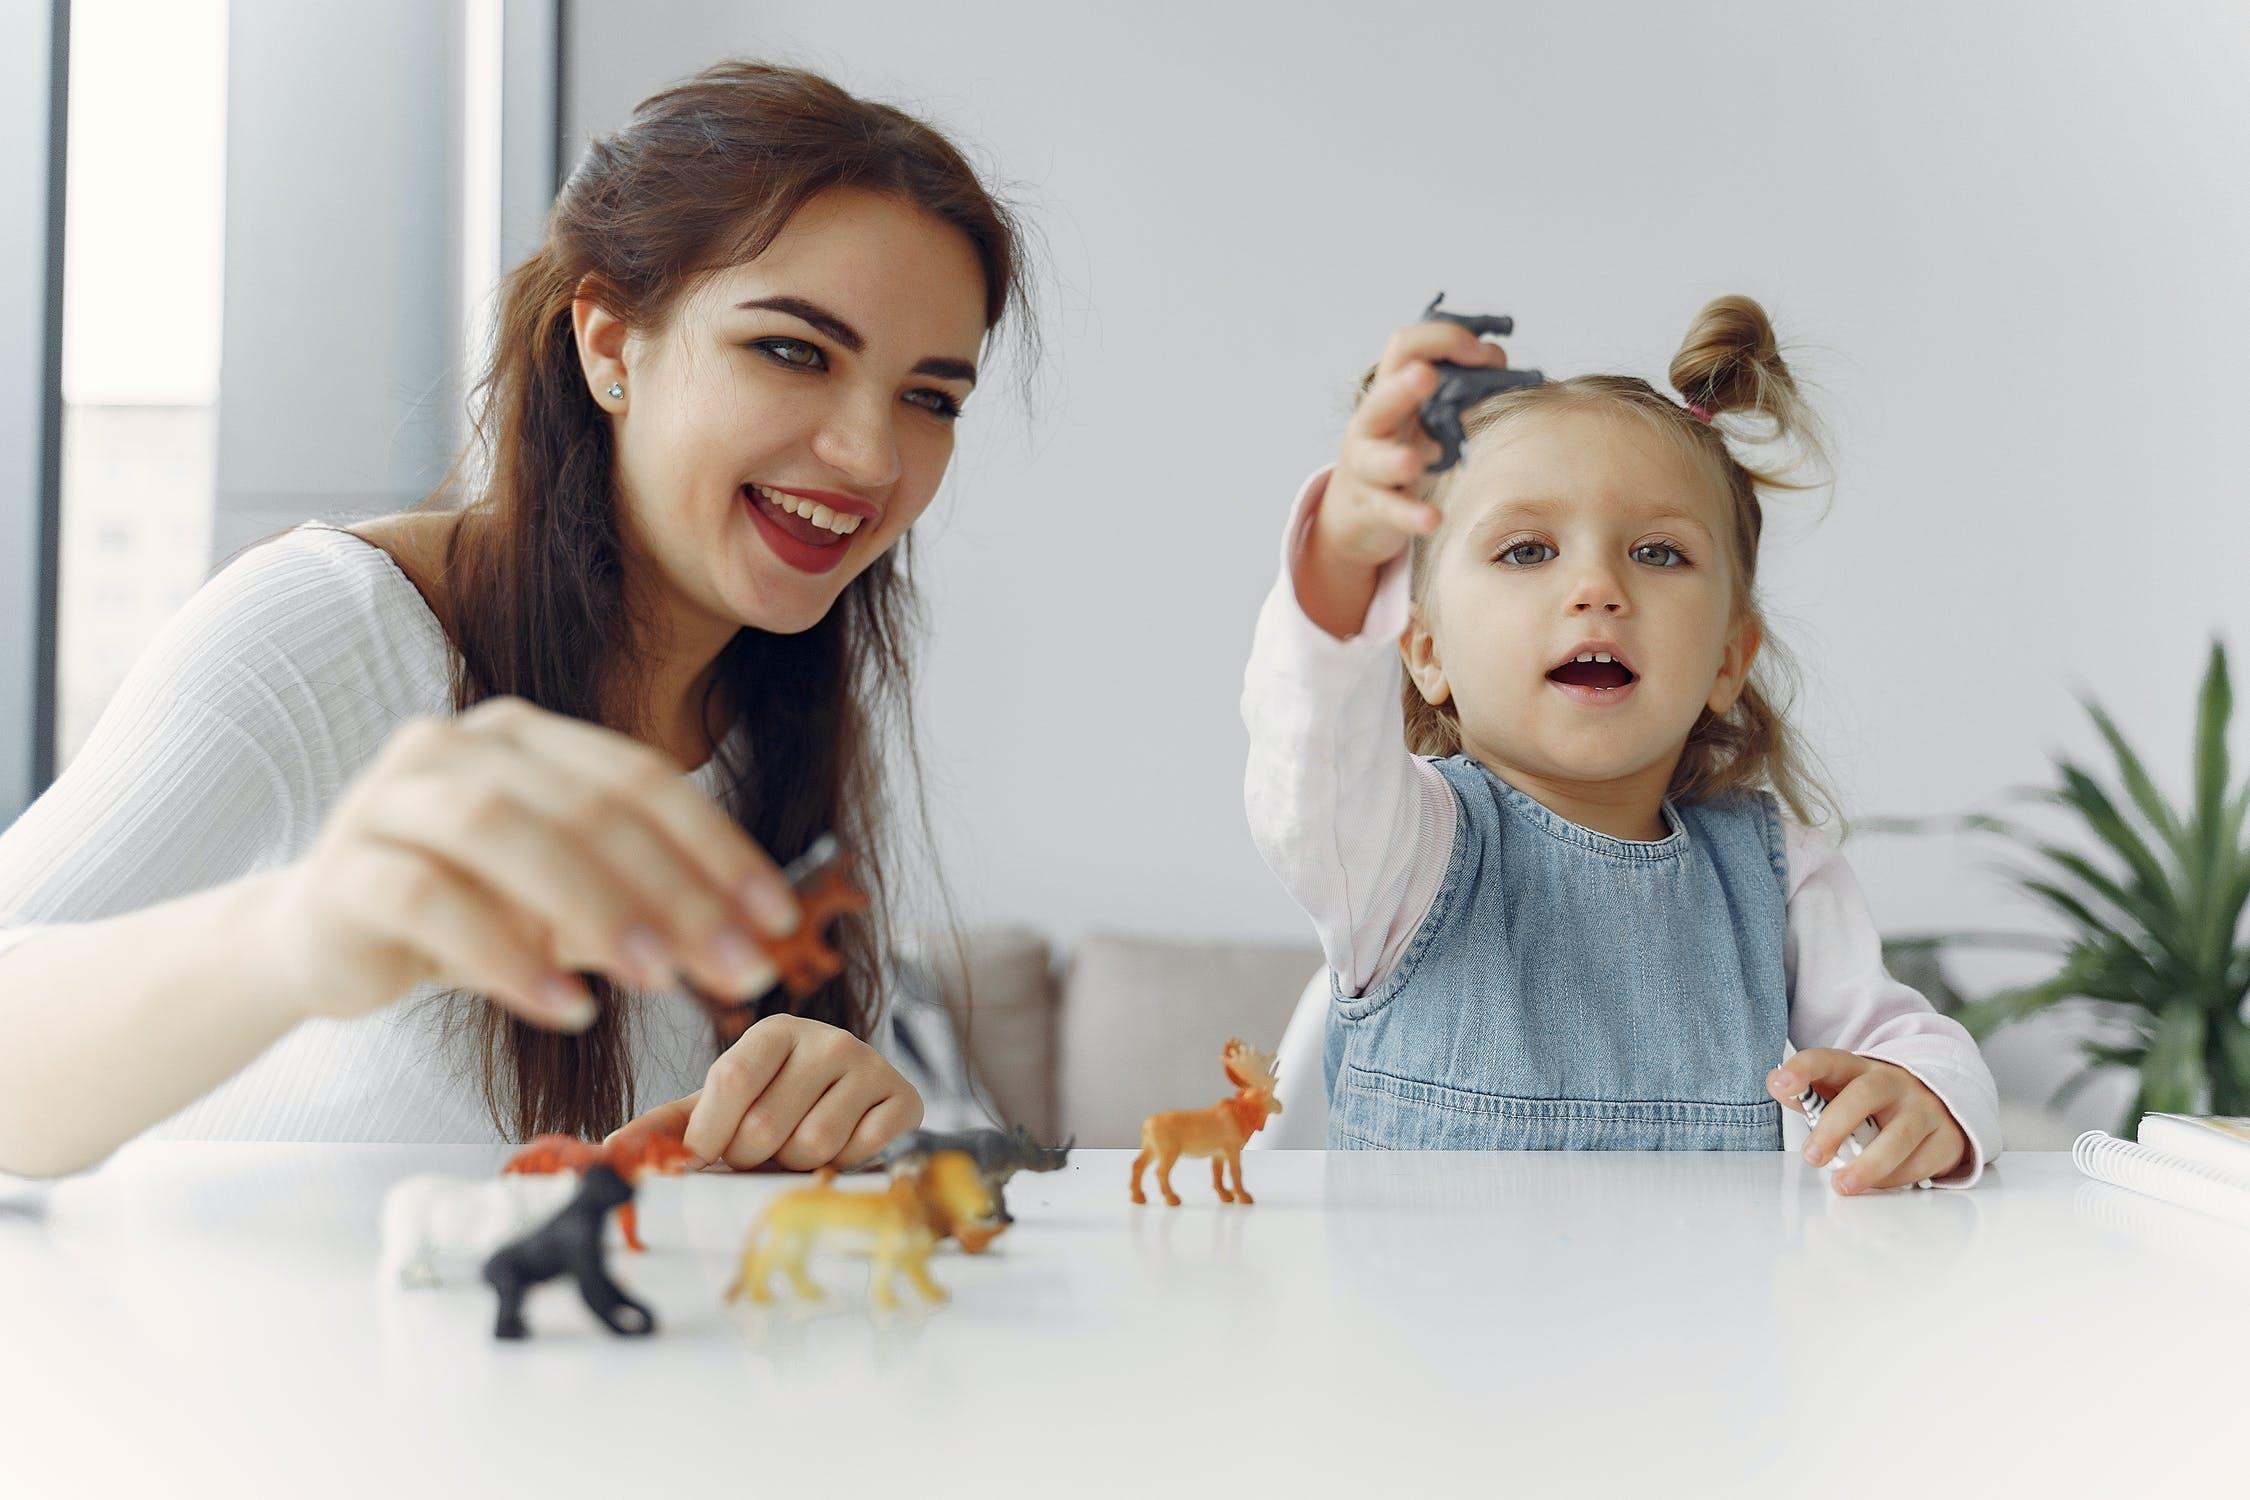 育婴师工作怎么样?育婴师培训有什么要求?